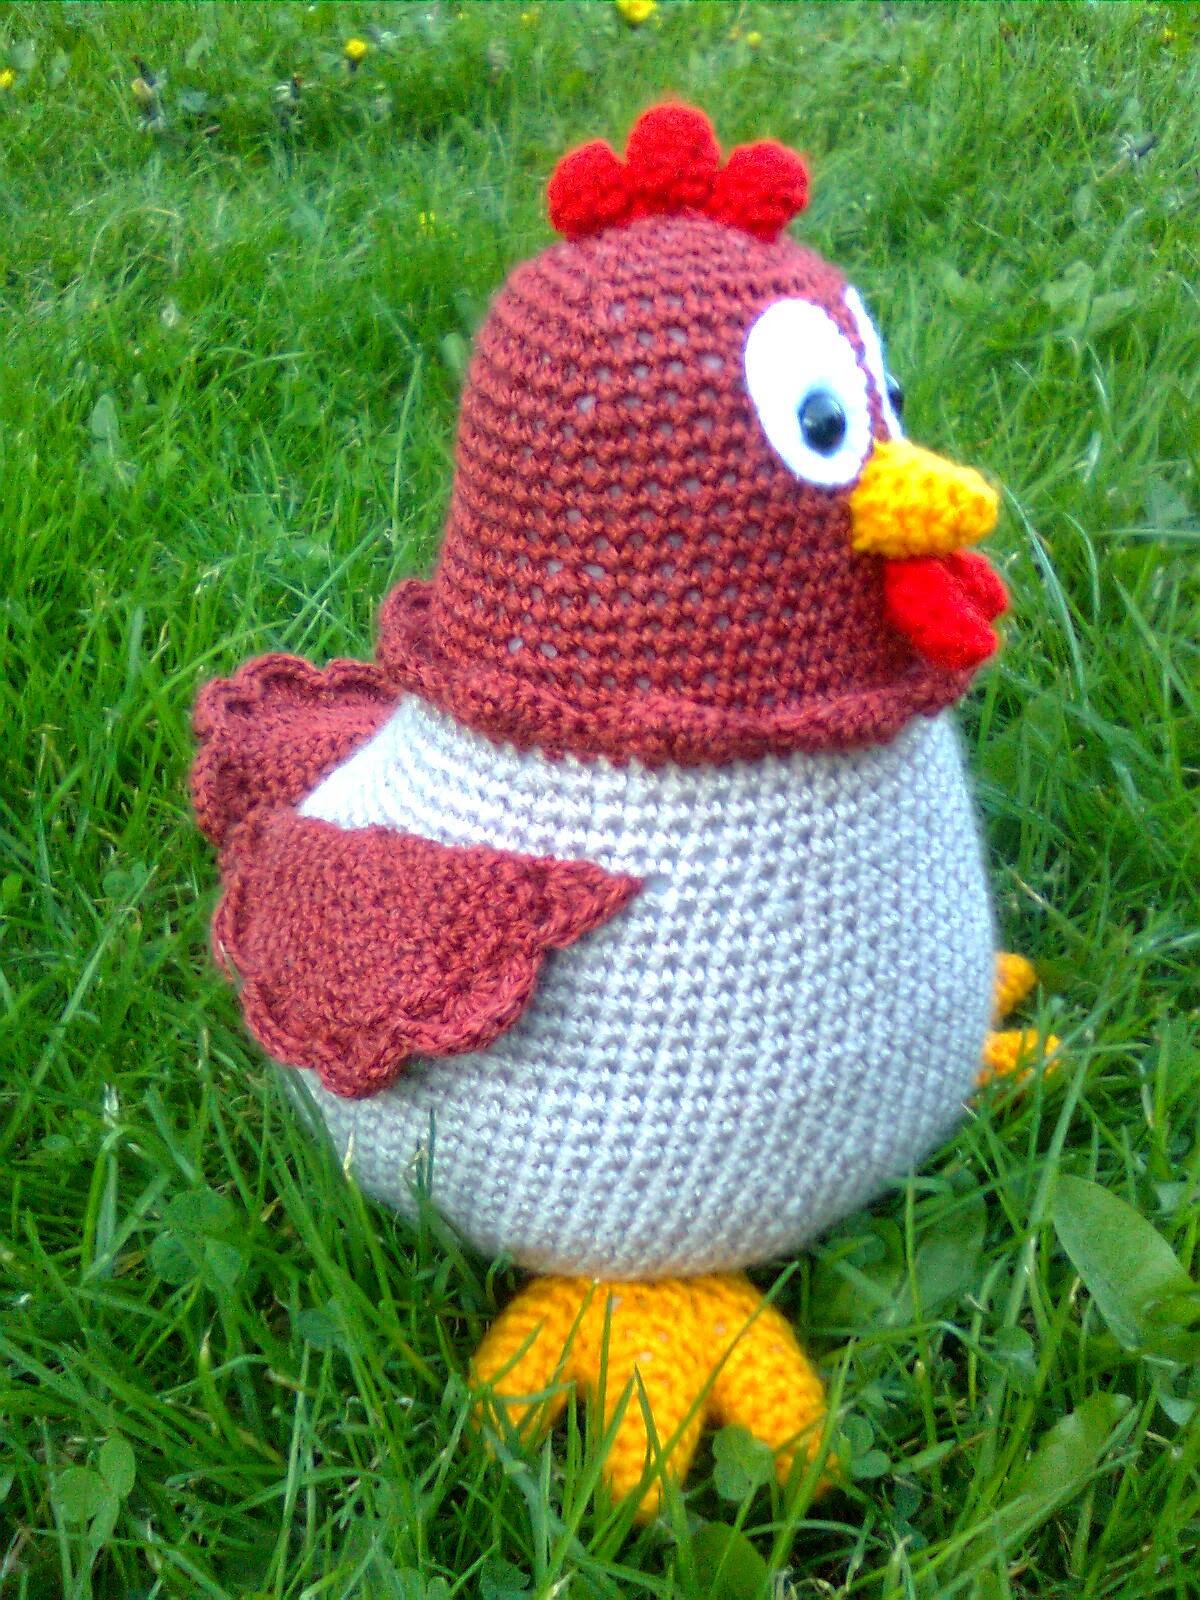 crochet pattern-5in1/mouse/cat/dog/rabbit/milkcow/symbolpattern ...   1600x1200